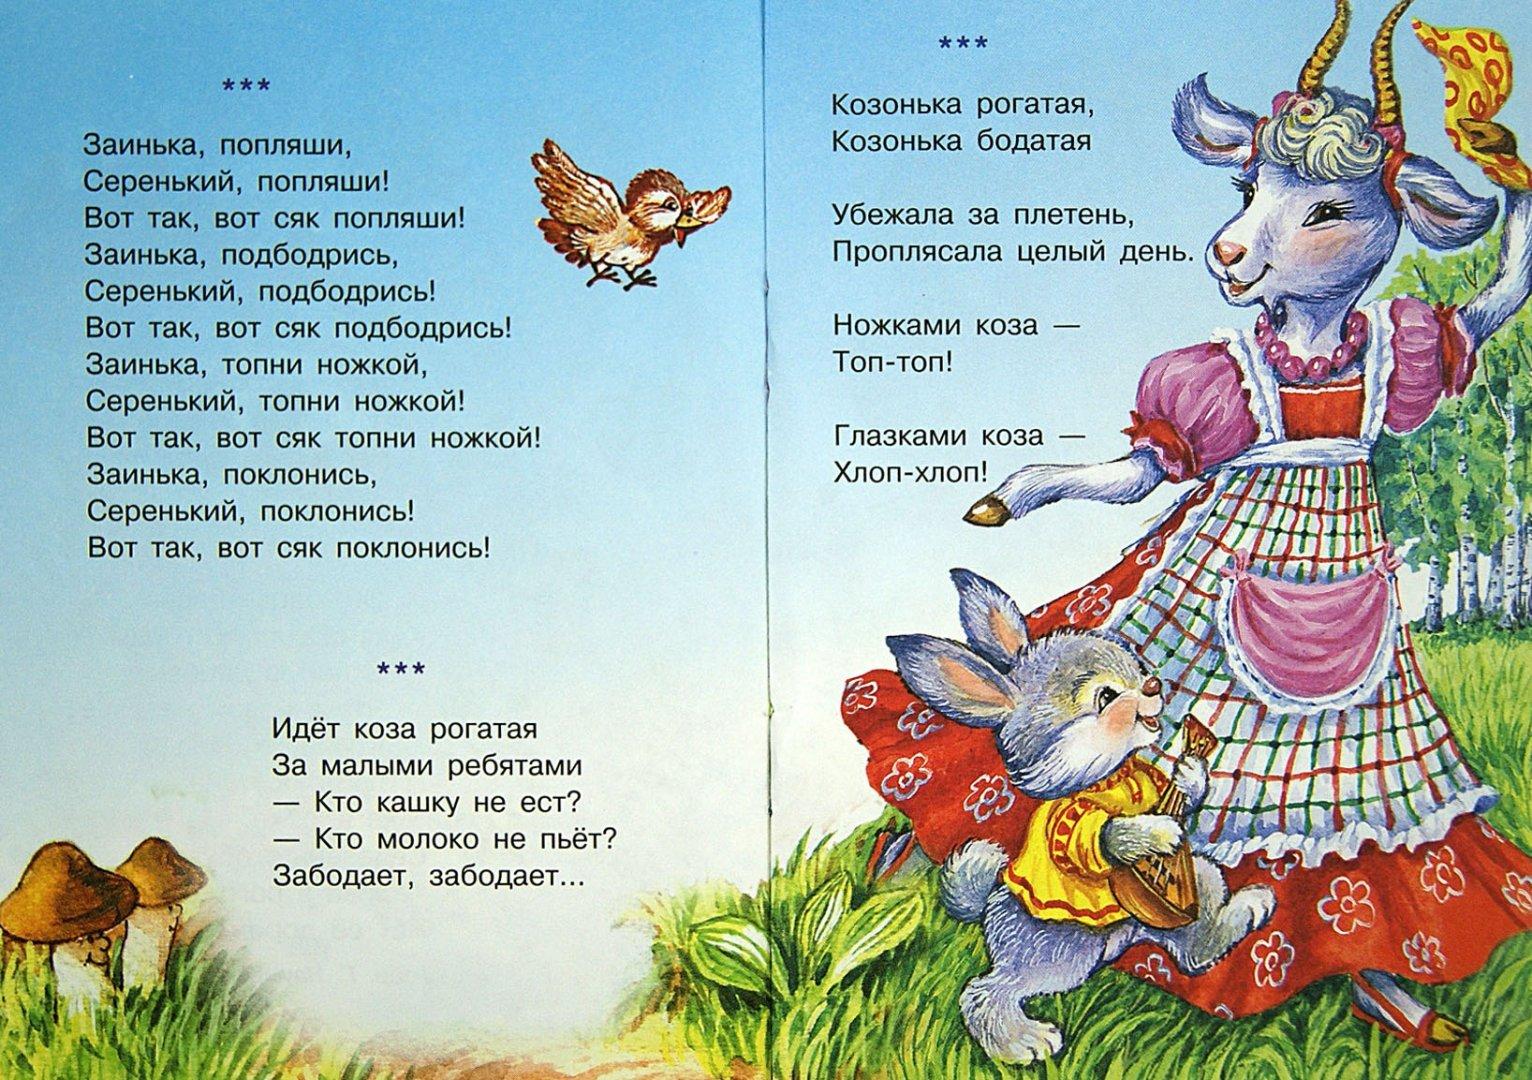 Иллюстрация 1 из 28 для Божья коровка - Г. Науменко | Лабиринт - книги. Источник: Лабиринт